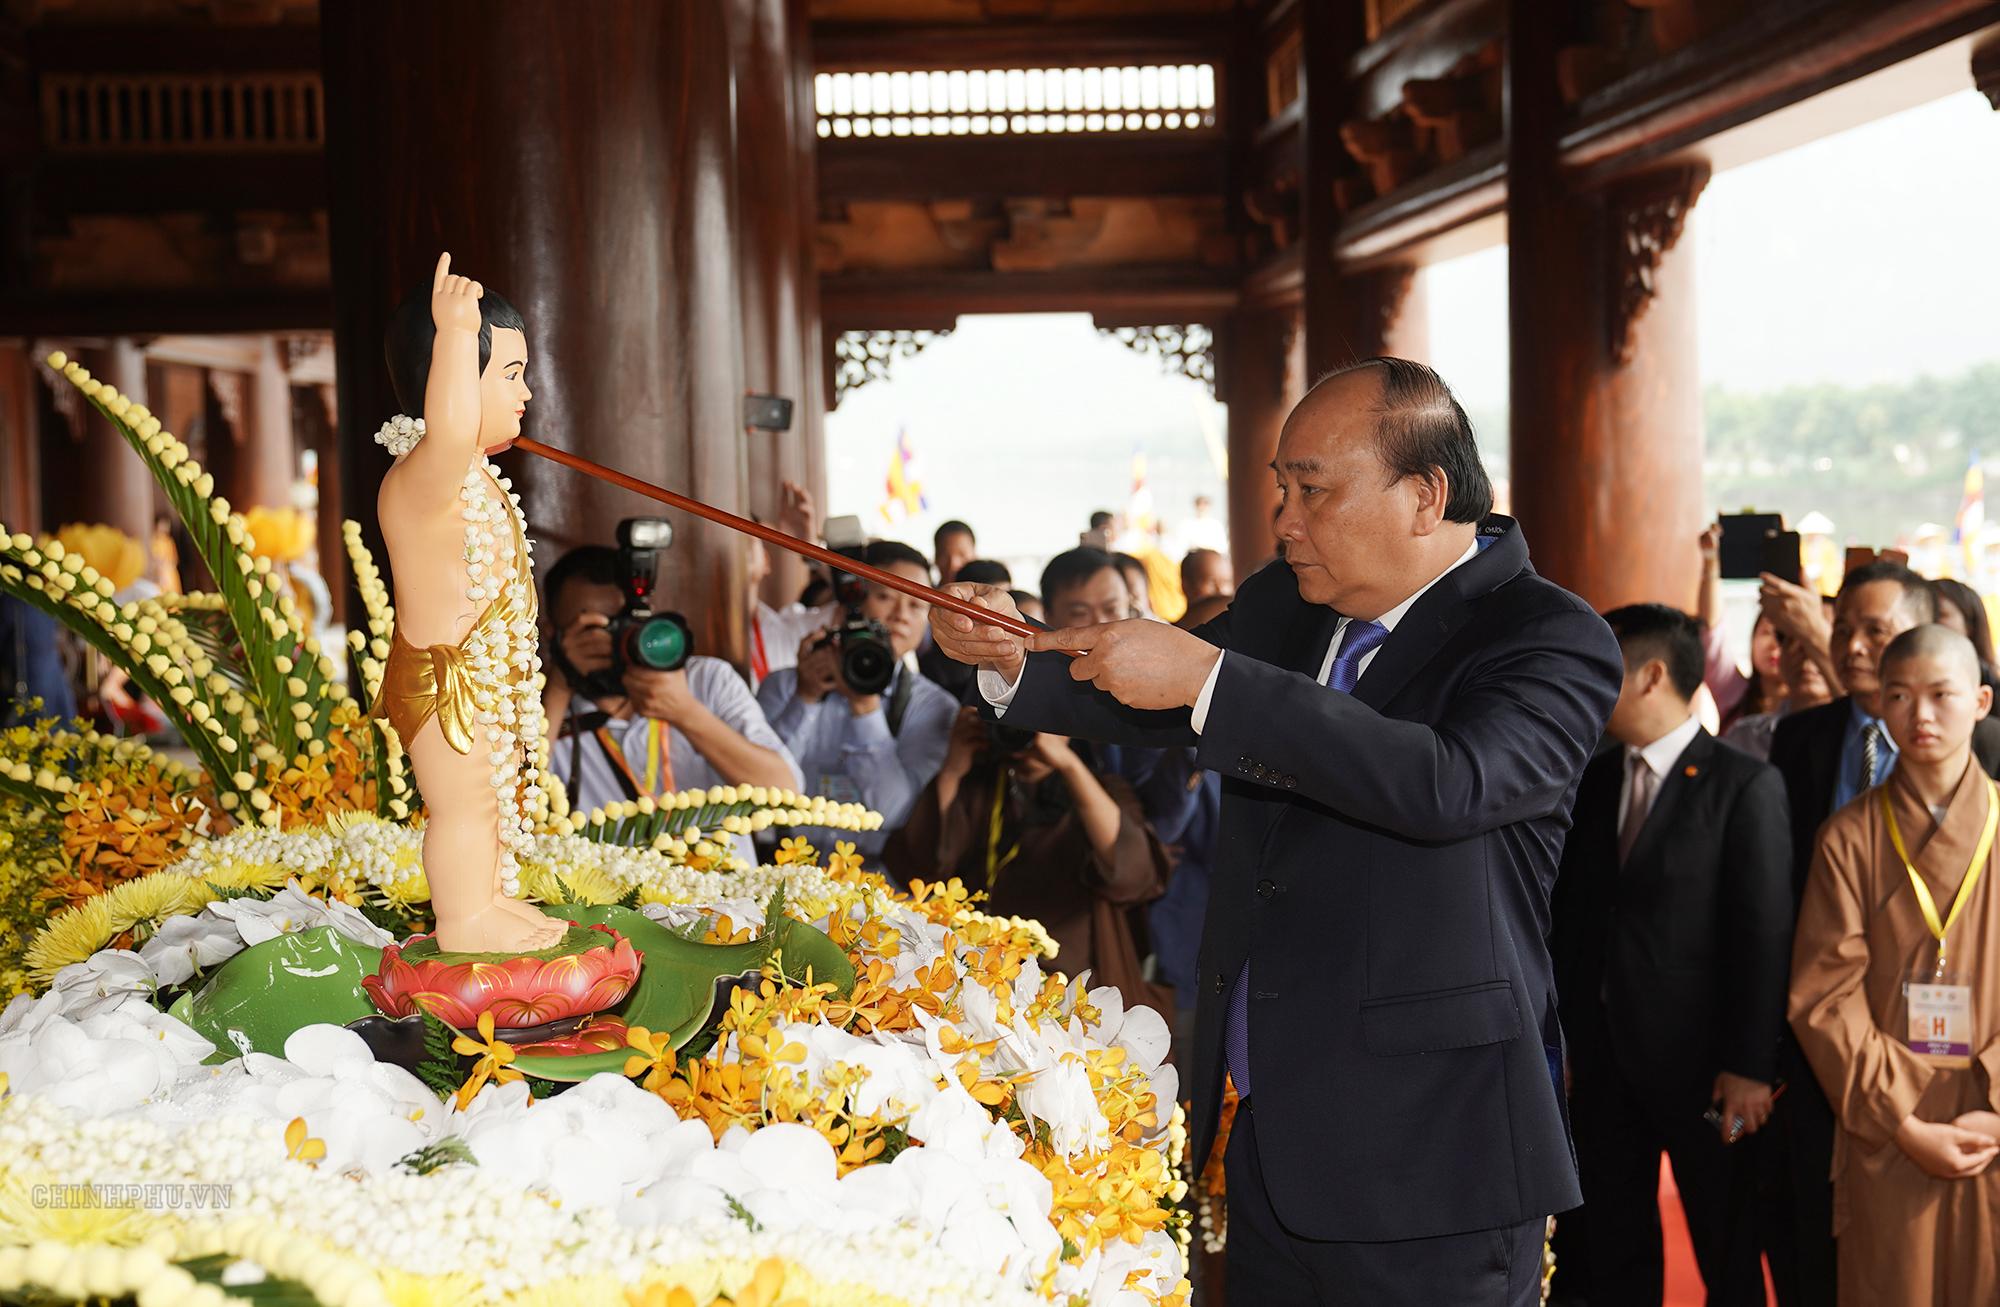 thu tuong dai le vesak da vuot tren mot le hoi van hoa ton giao thong thuong